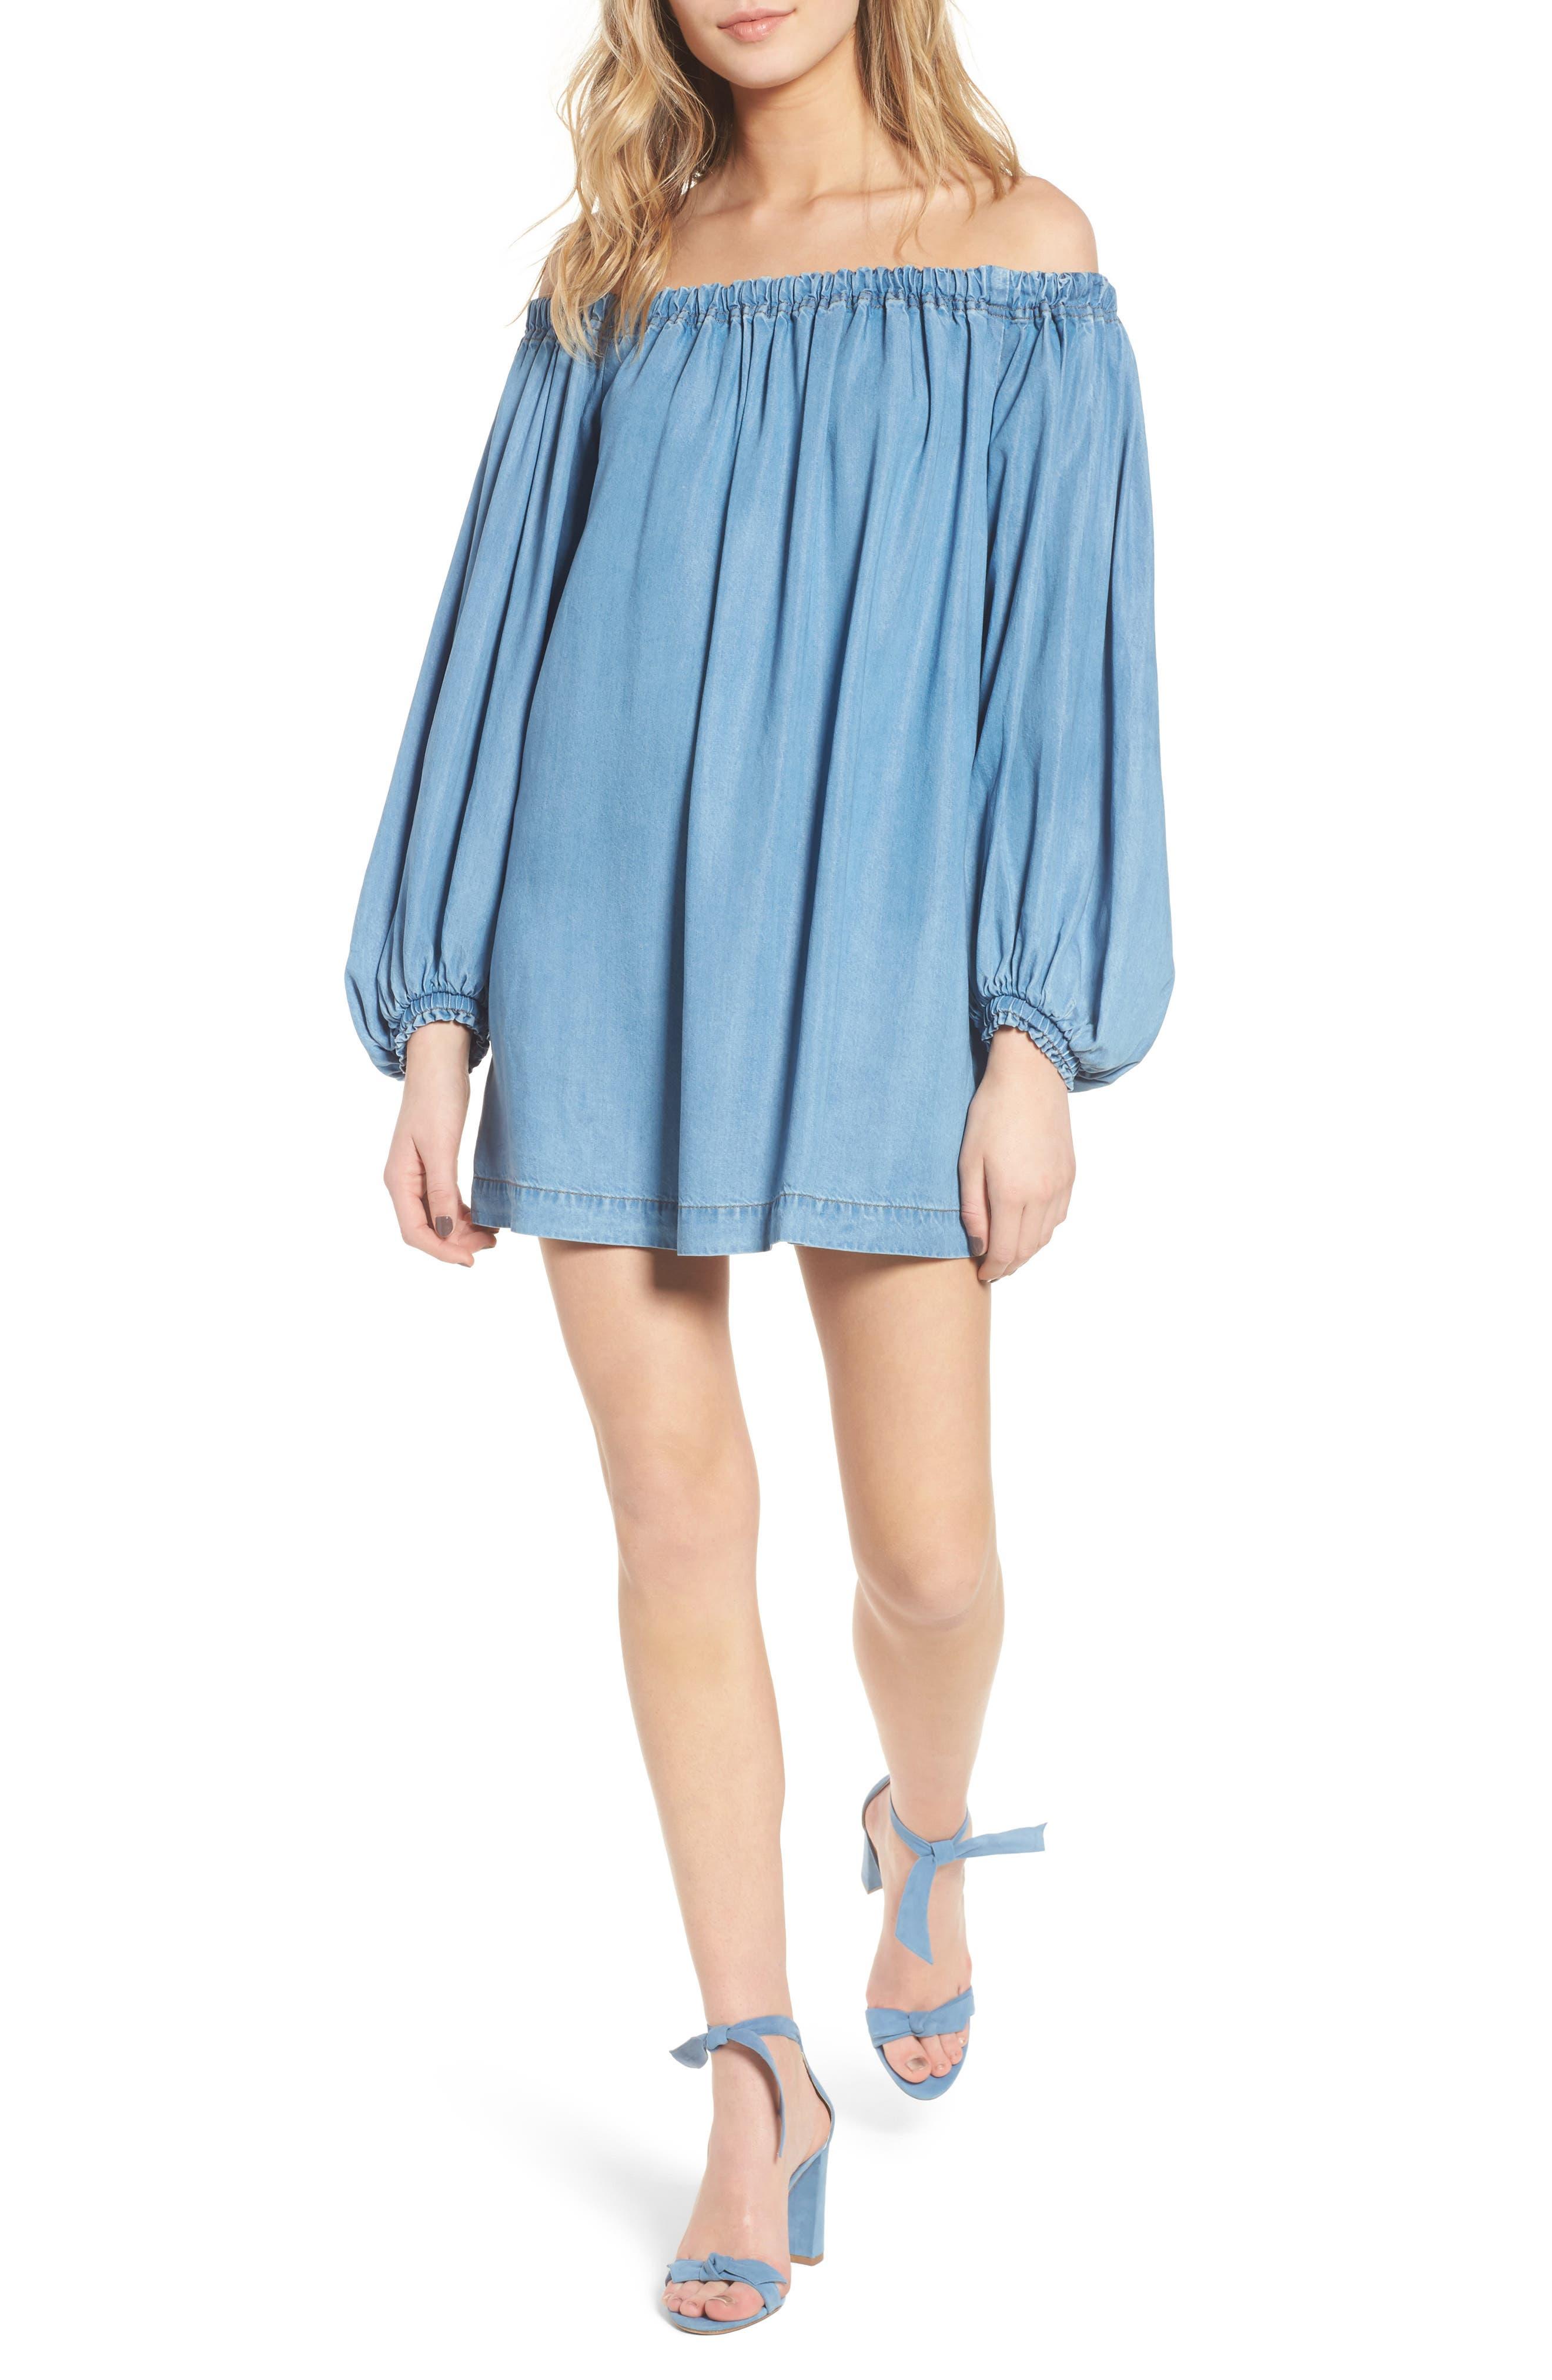 Blouson Off the Shoulder Shift Dress,                         Main,                         color, Pacific Blue Sky